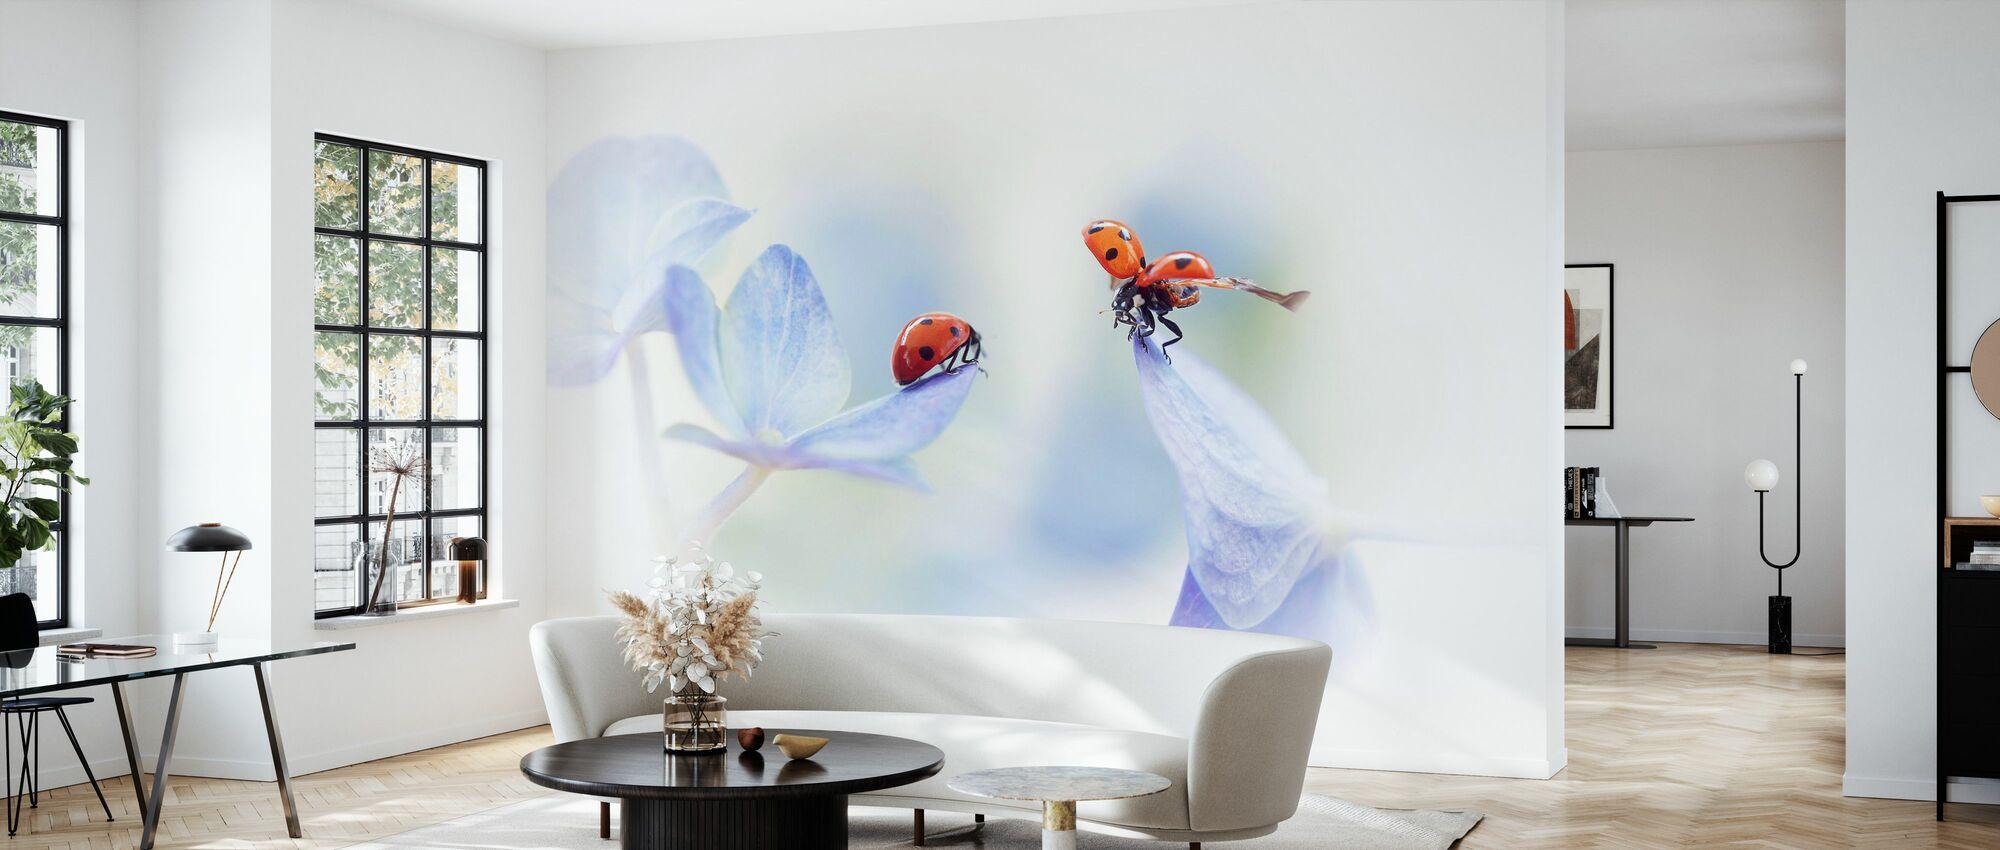 Remember Me - Wallpaper - Living Room